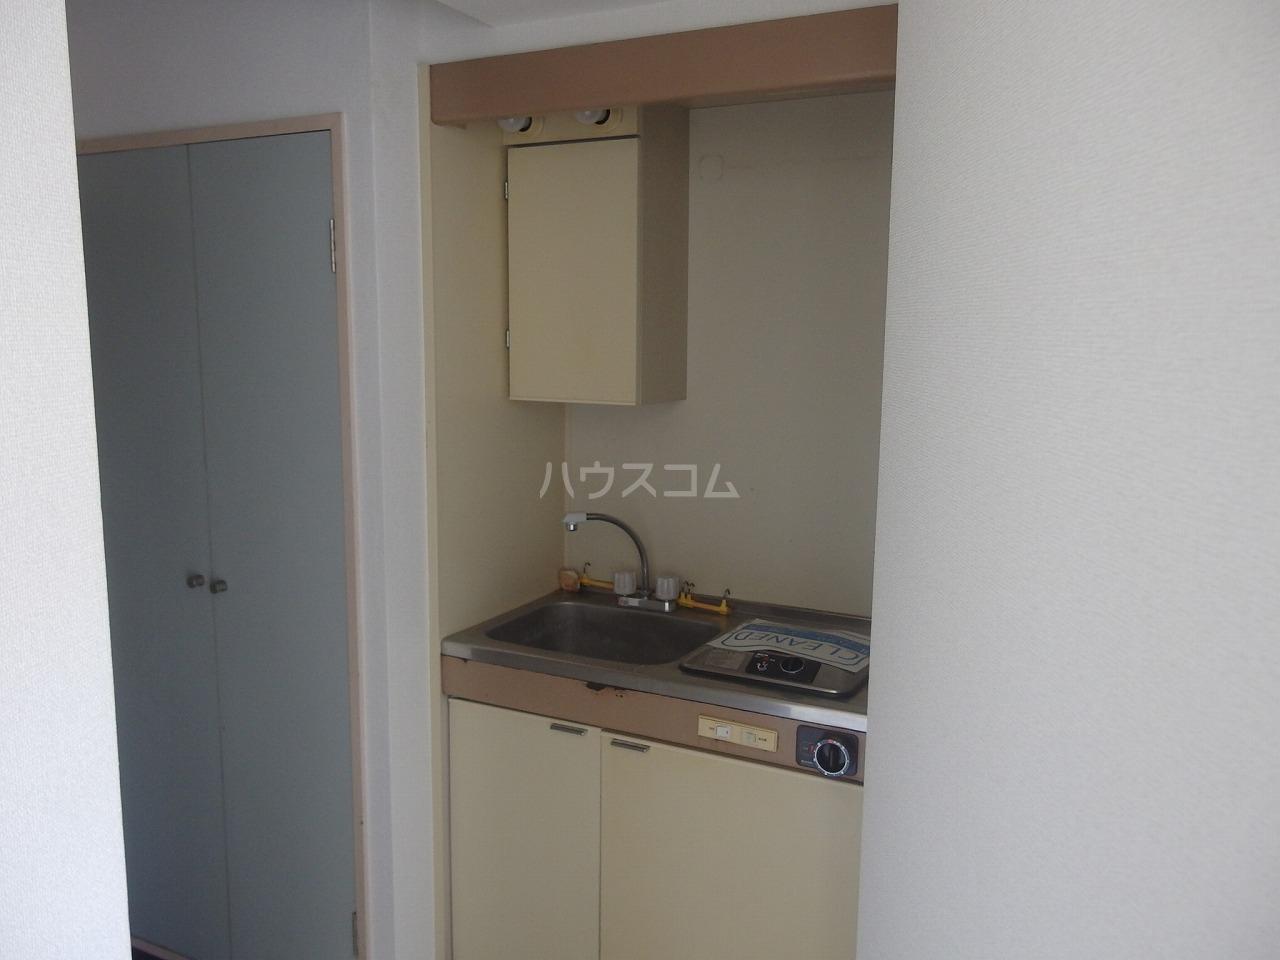 アベニューⅡ 305号室のキッチン